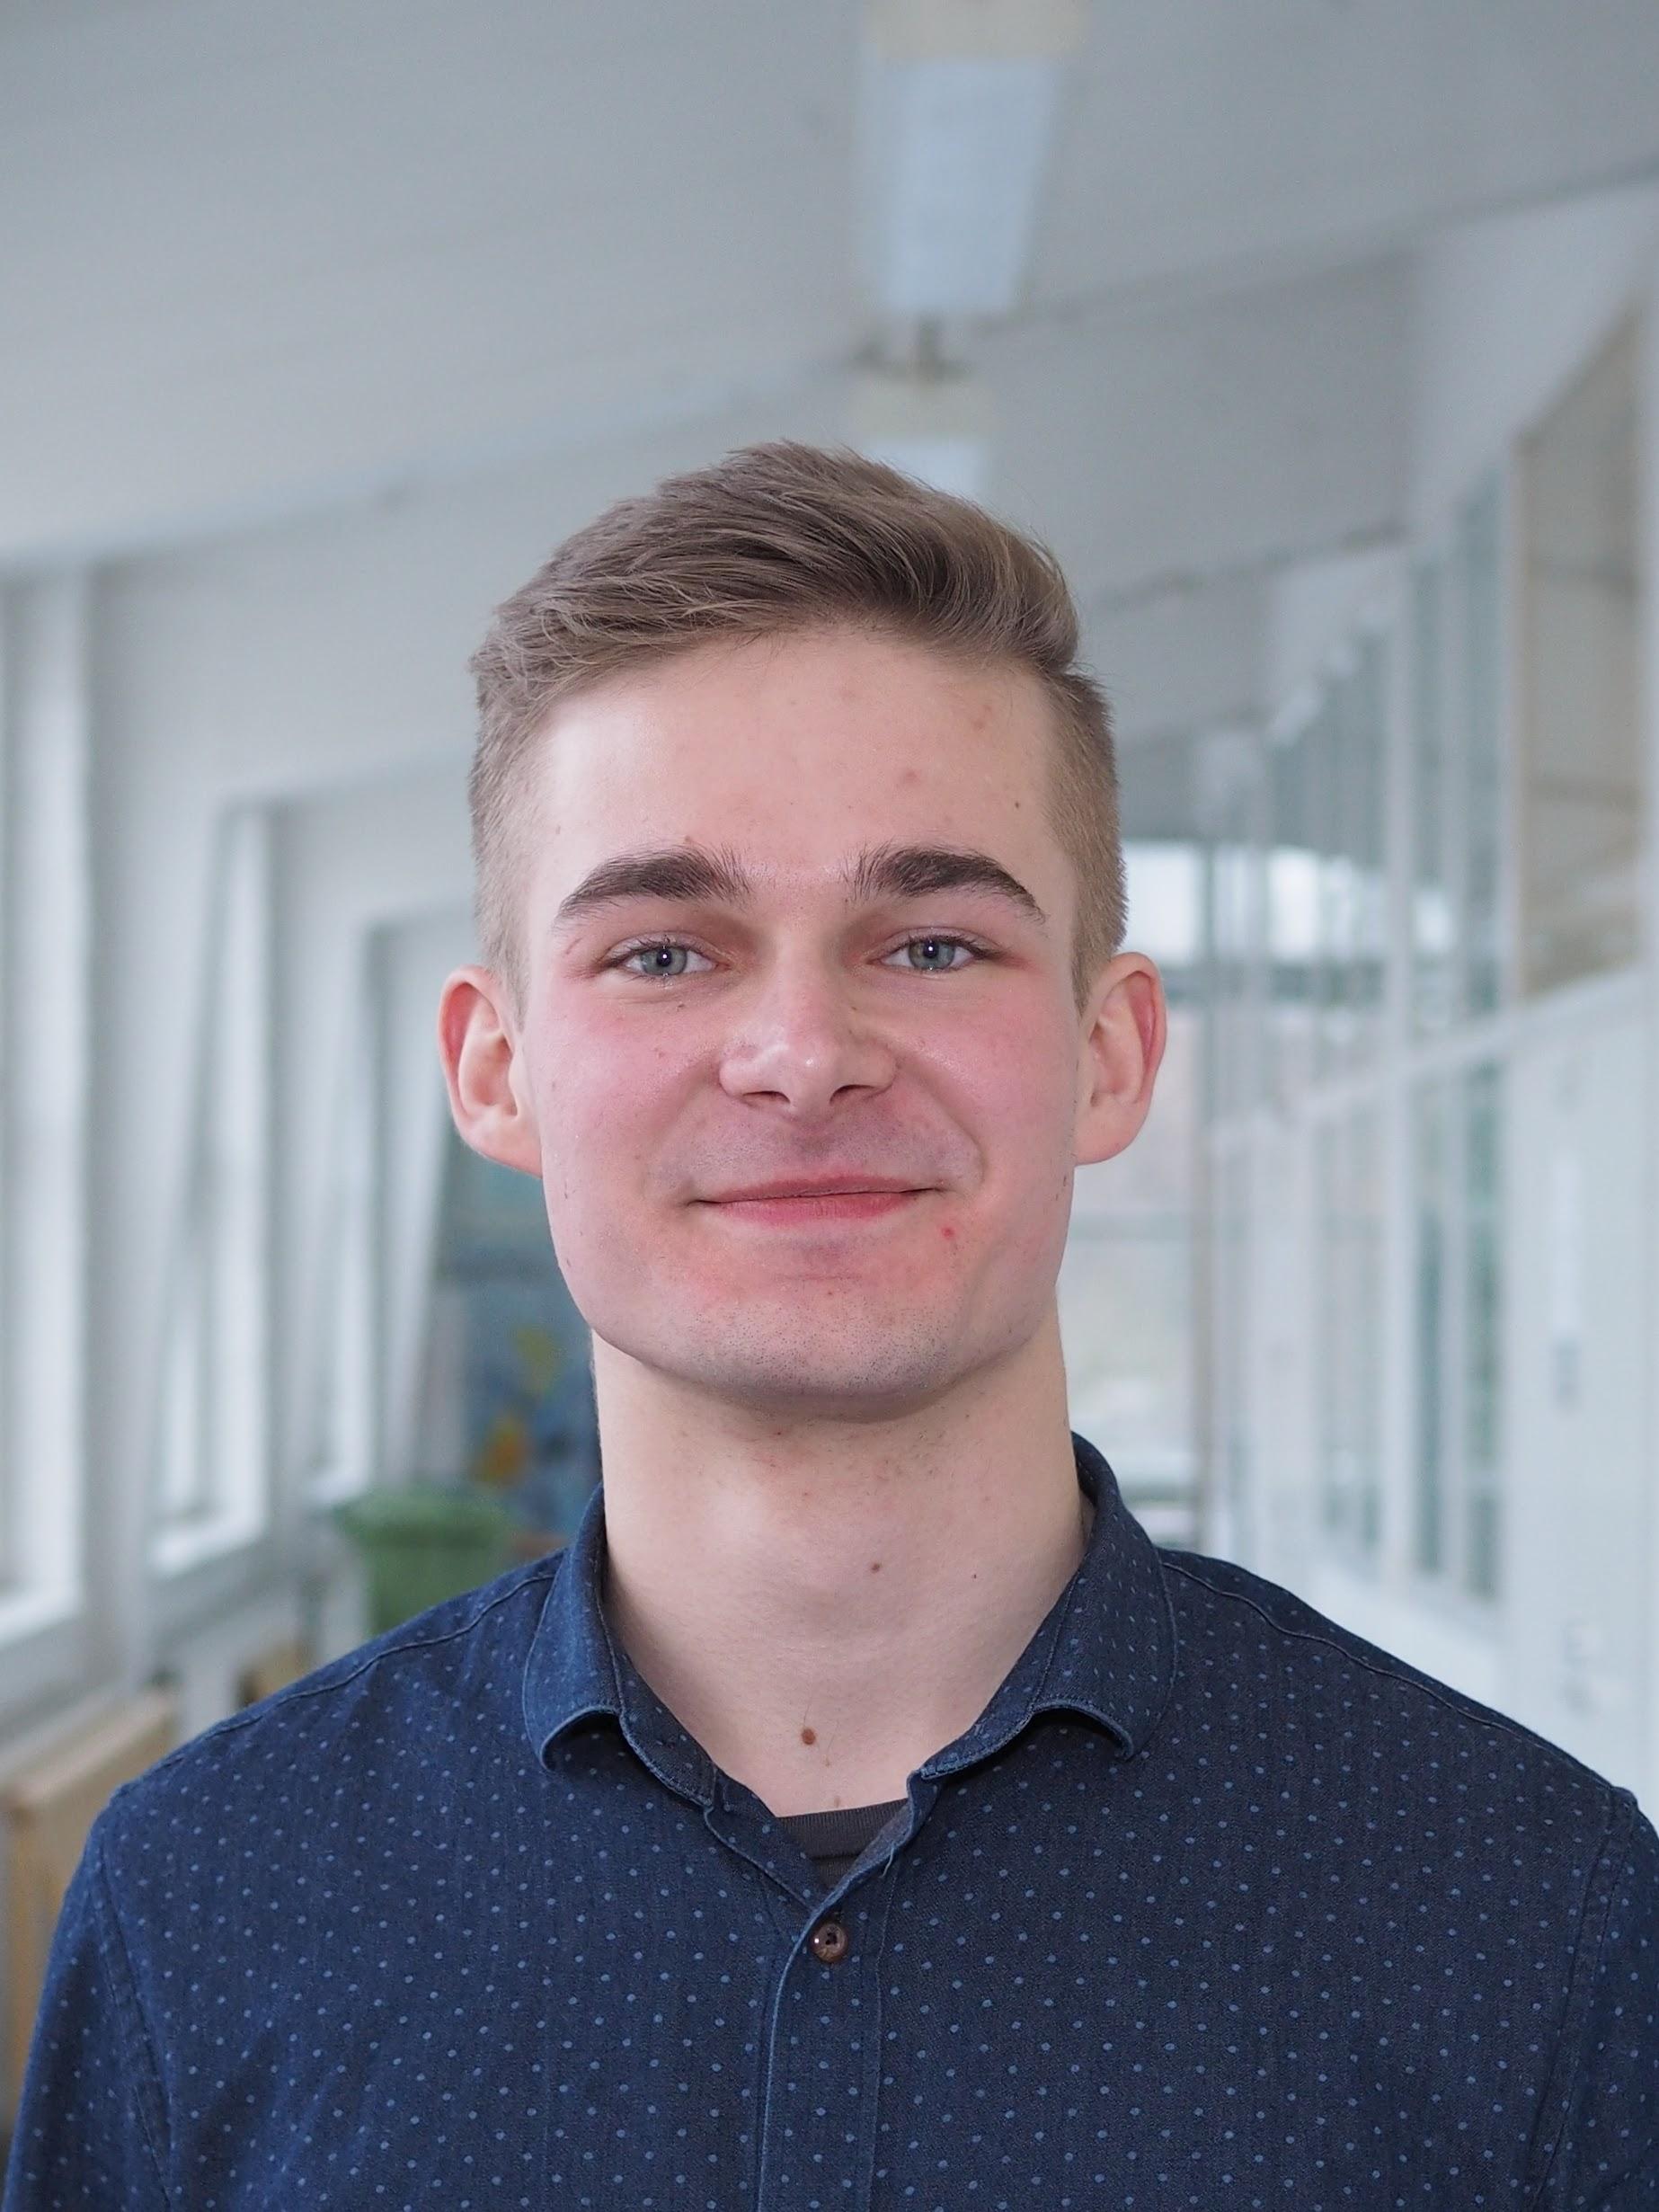 Jesse Kuusisto